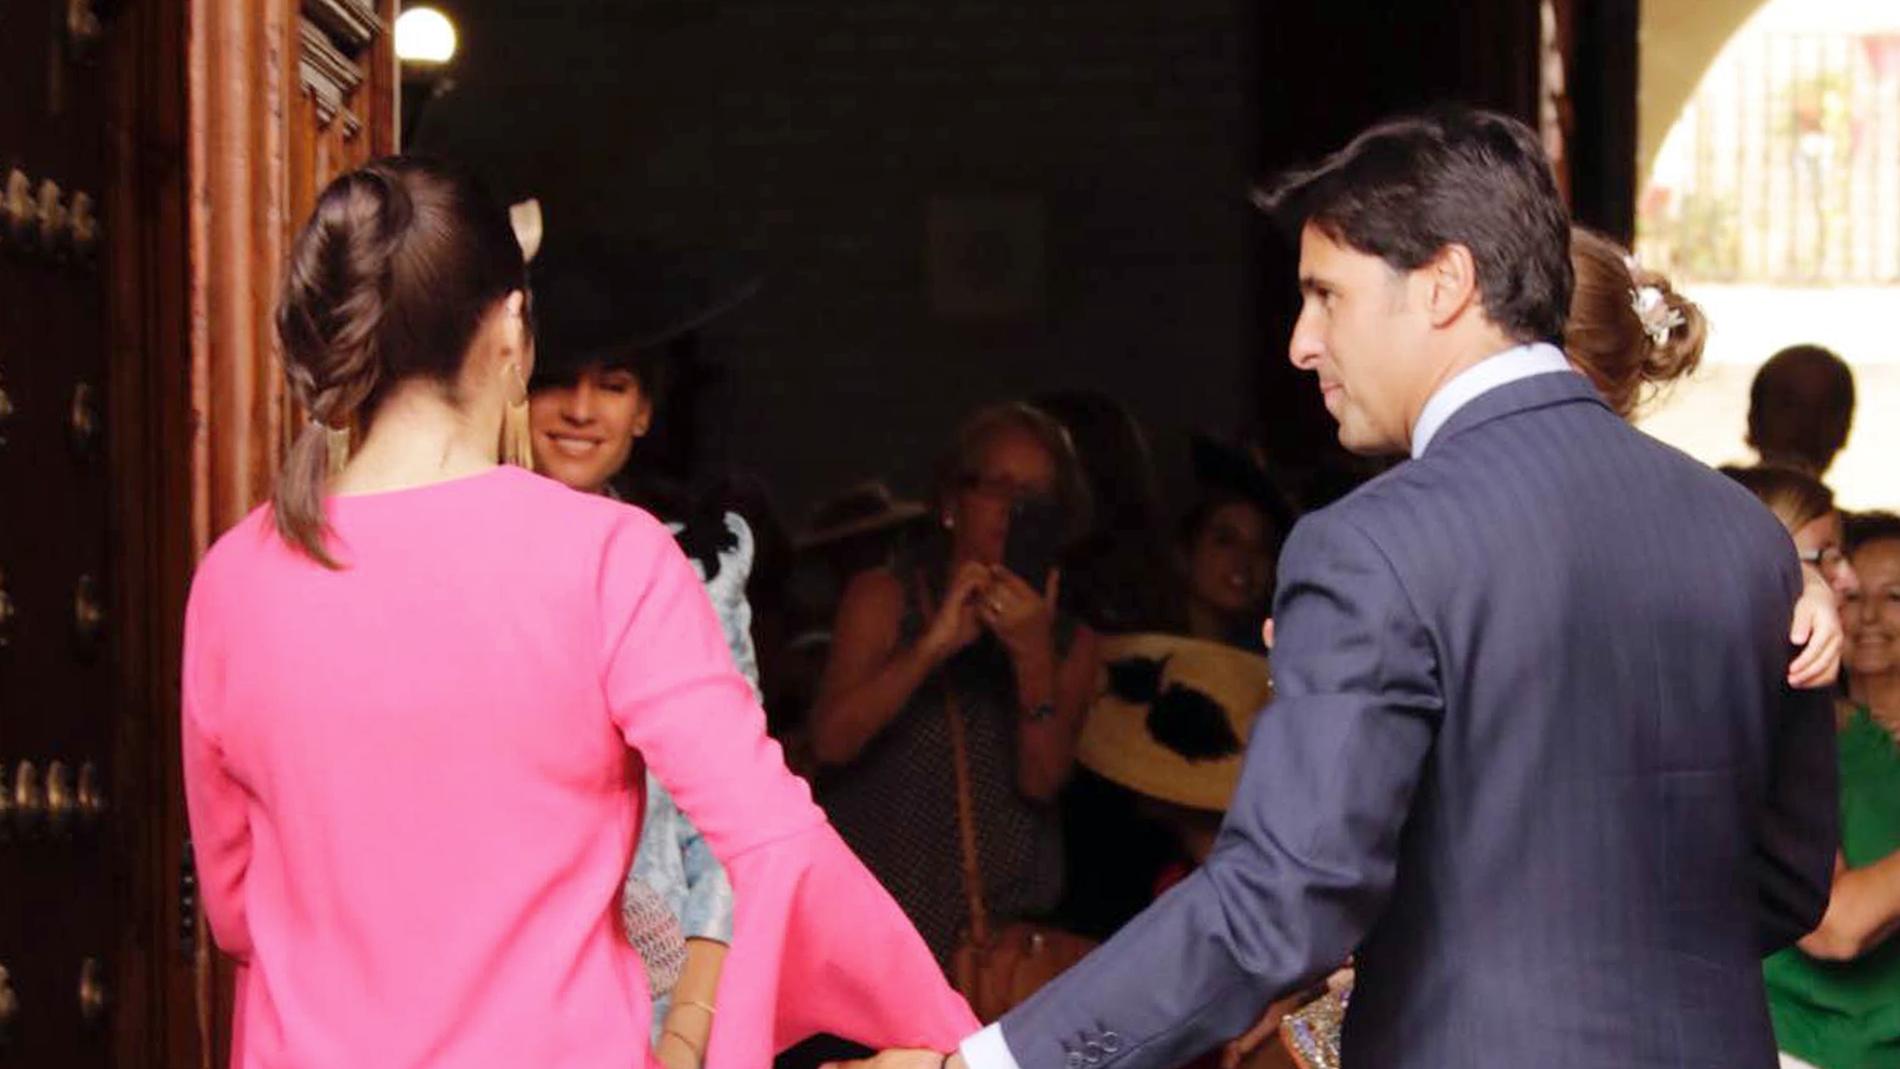 Cayetana Rivera y su padre, Francisco Rivera, en la boda de Sibi Montes